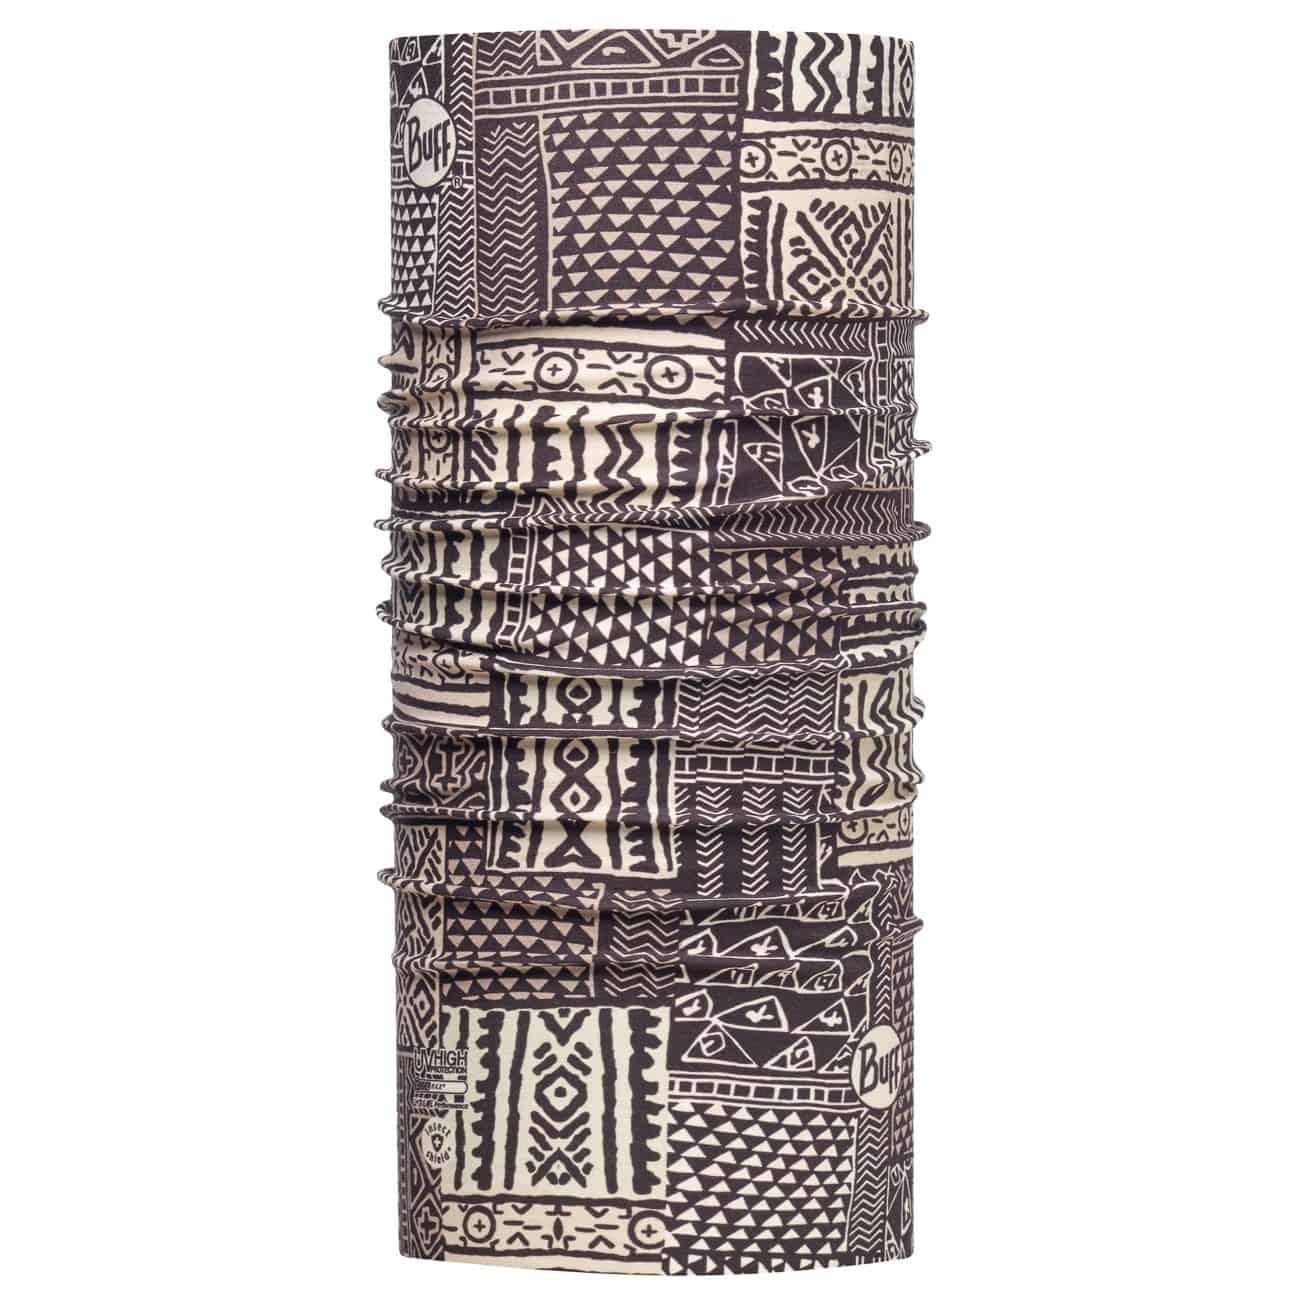 Bandana Multifuncional Bantu Multi by BUFF  cinta para la cabeza